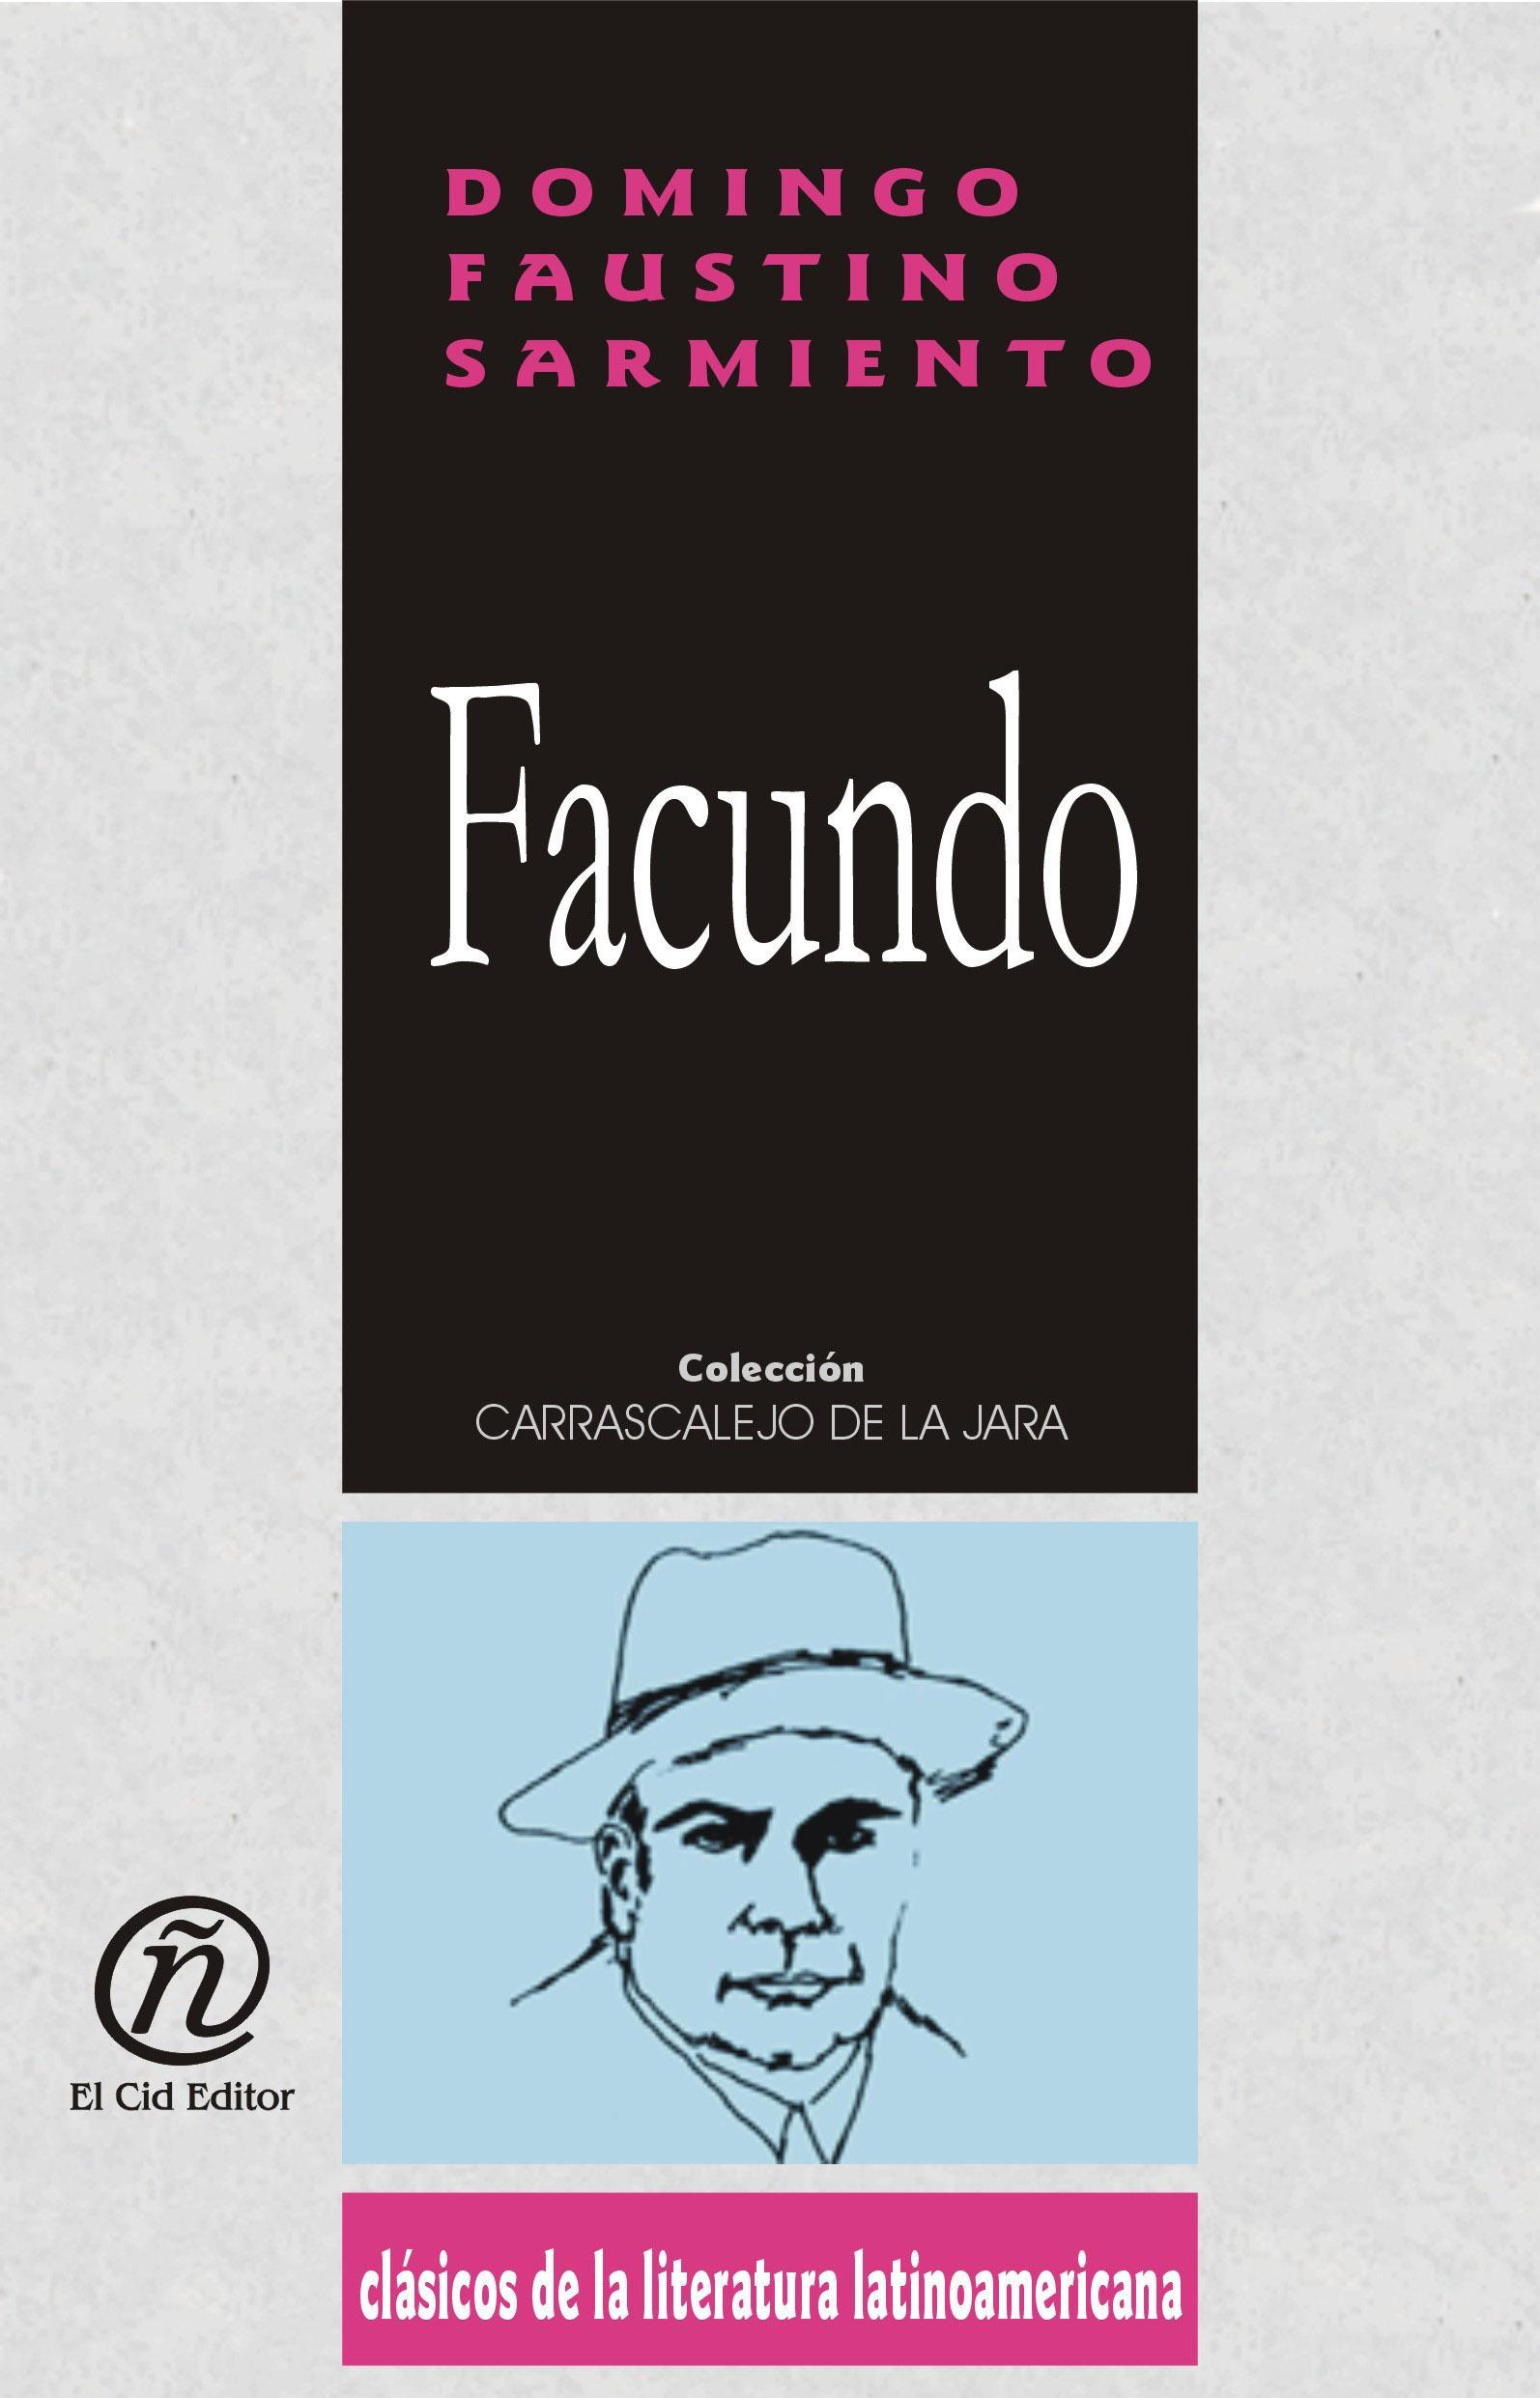 Facundo: Colecci?n de Cl?sicos de la Literatura Latinoamericana